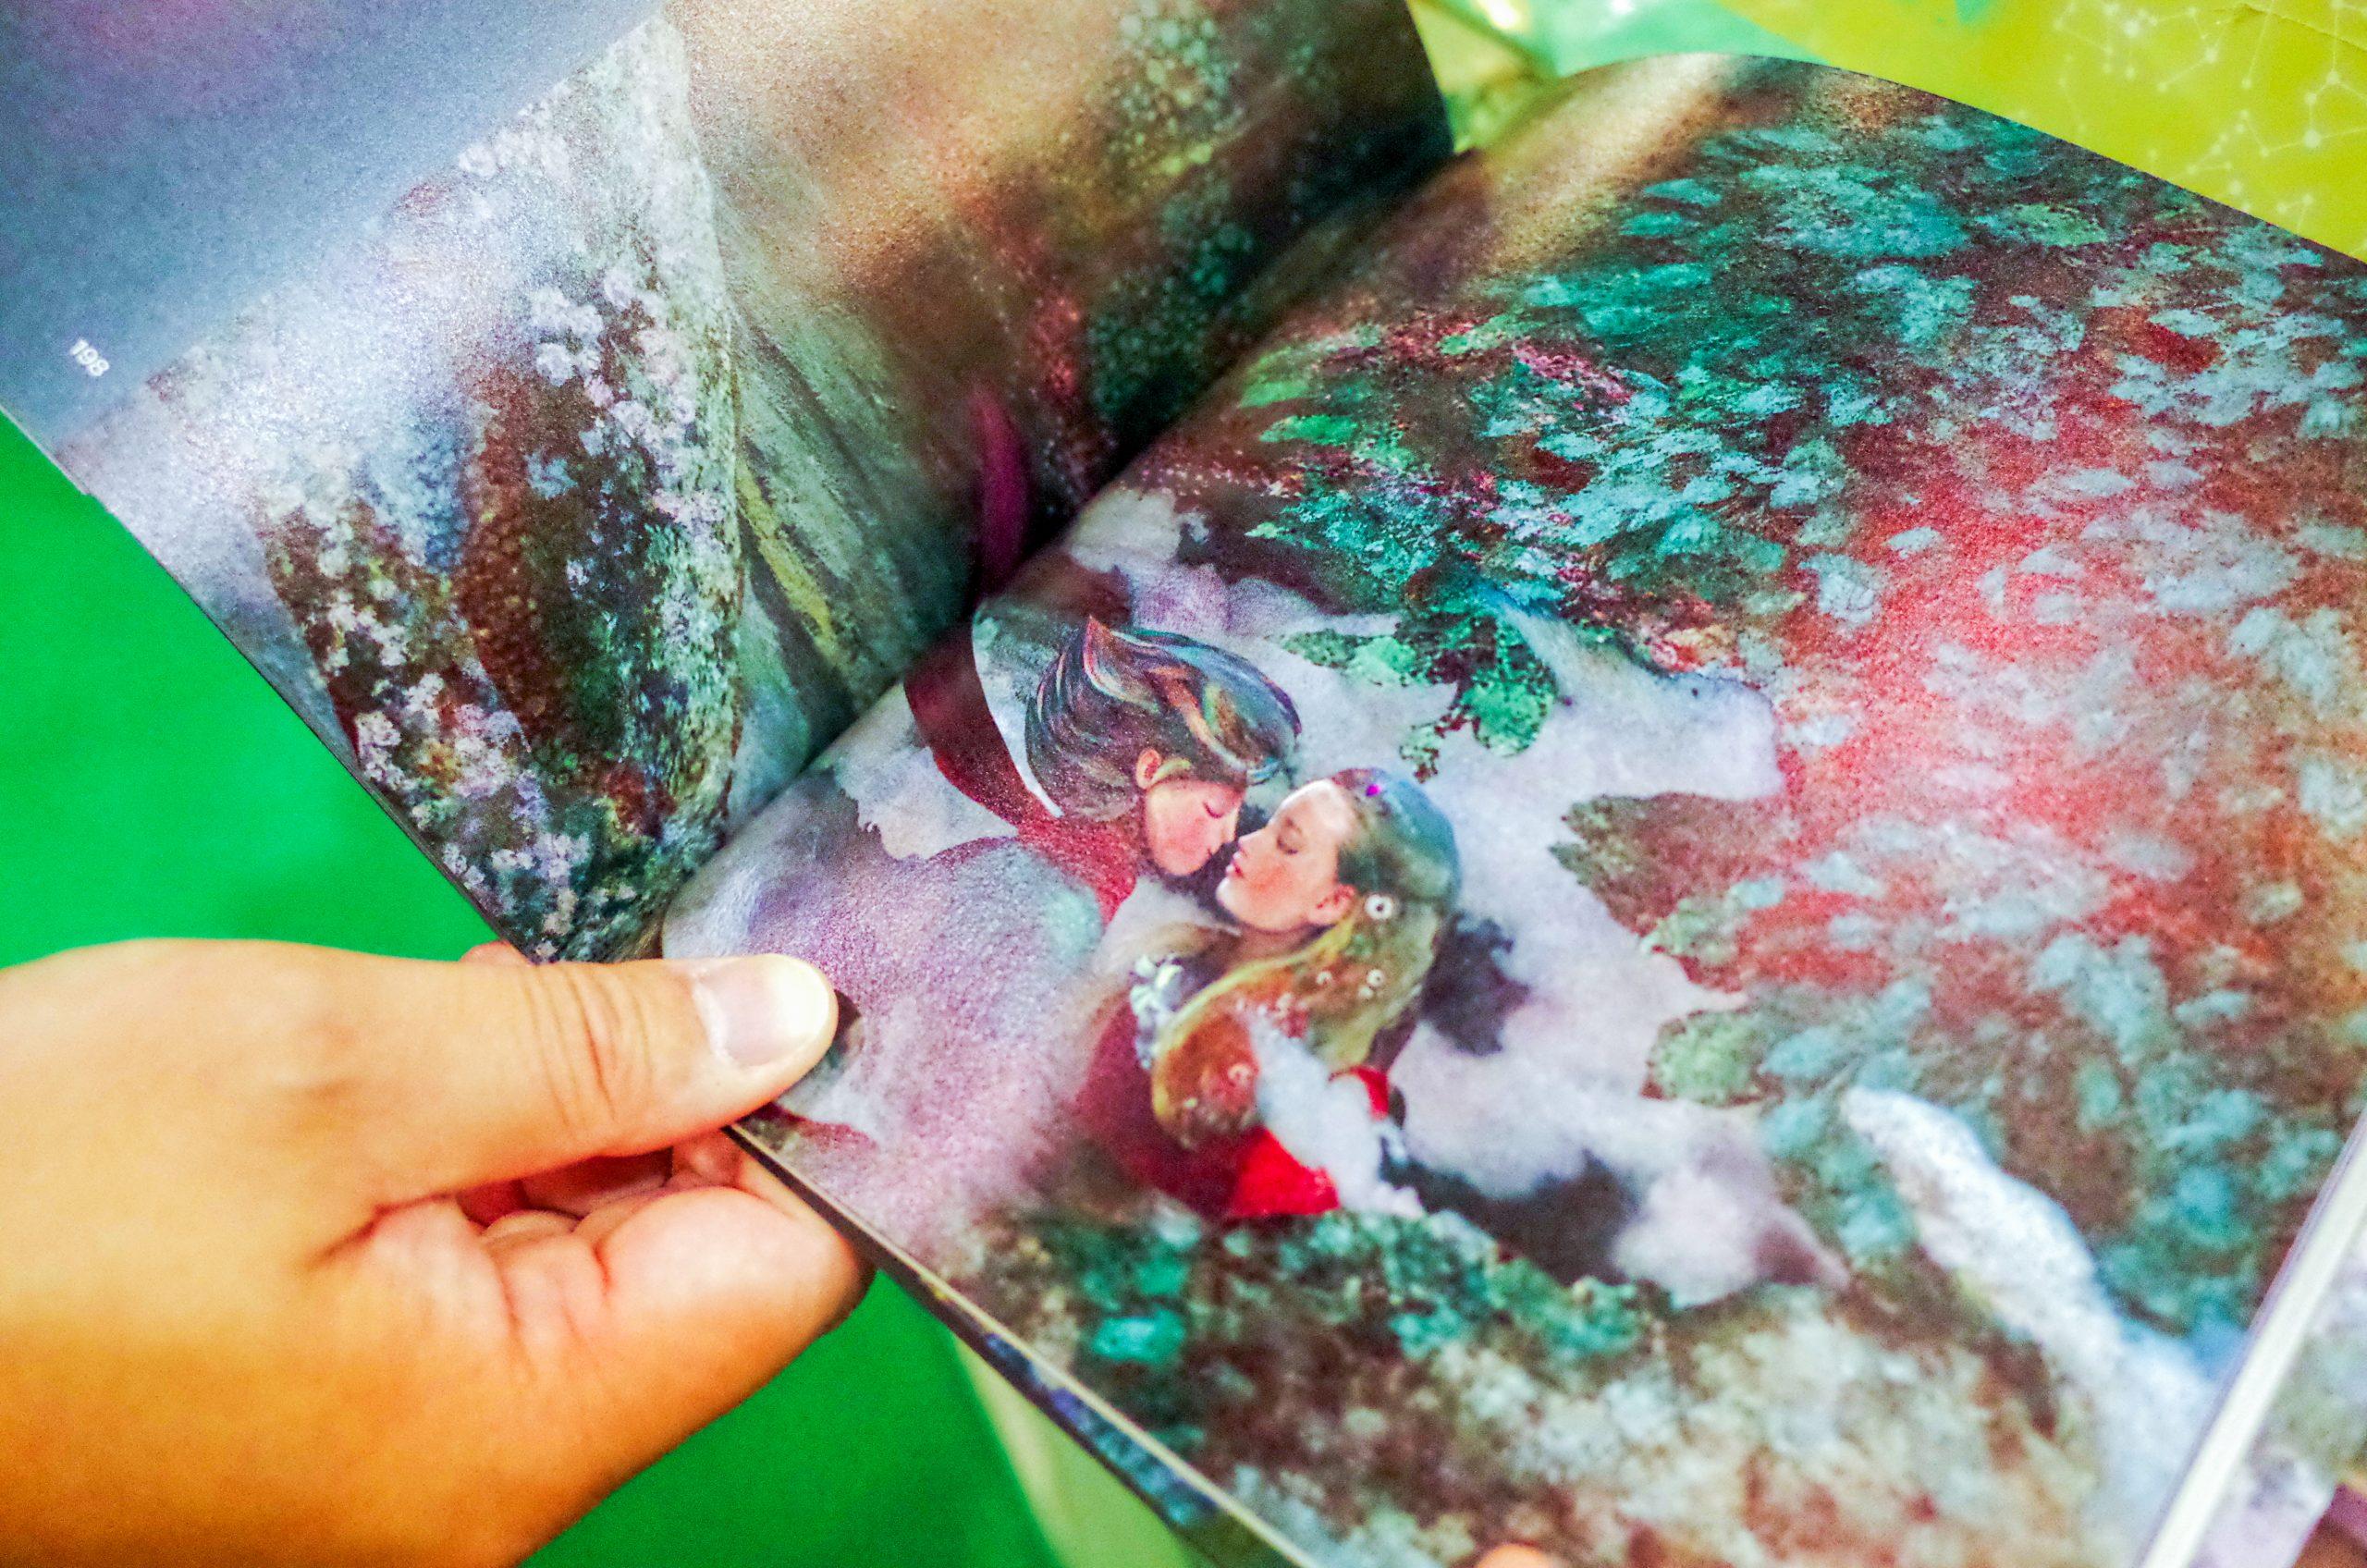 小王子2 愛與光 蔡景康 插畫 繪本 書展 小王子 玫瑰